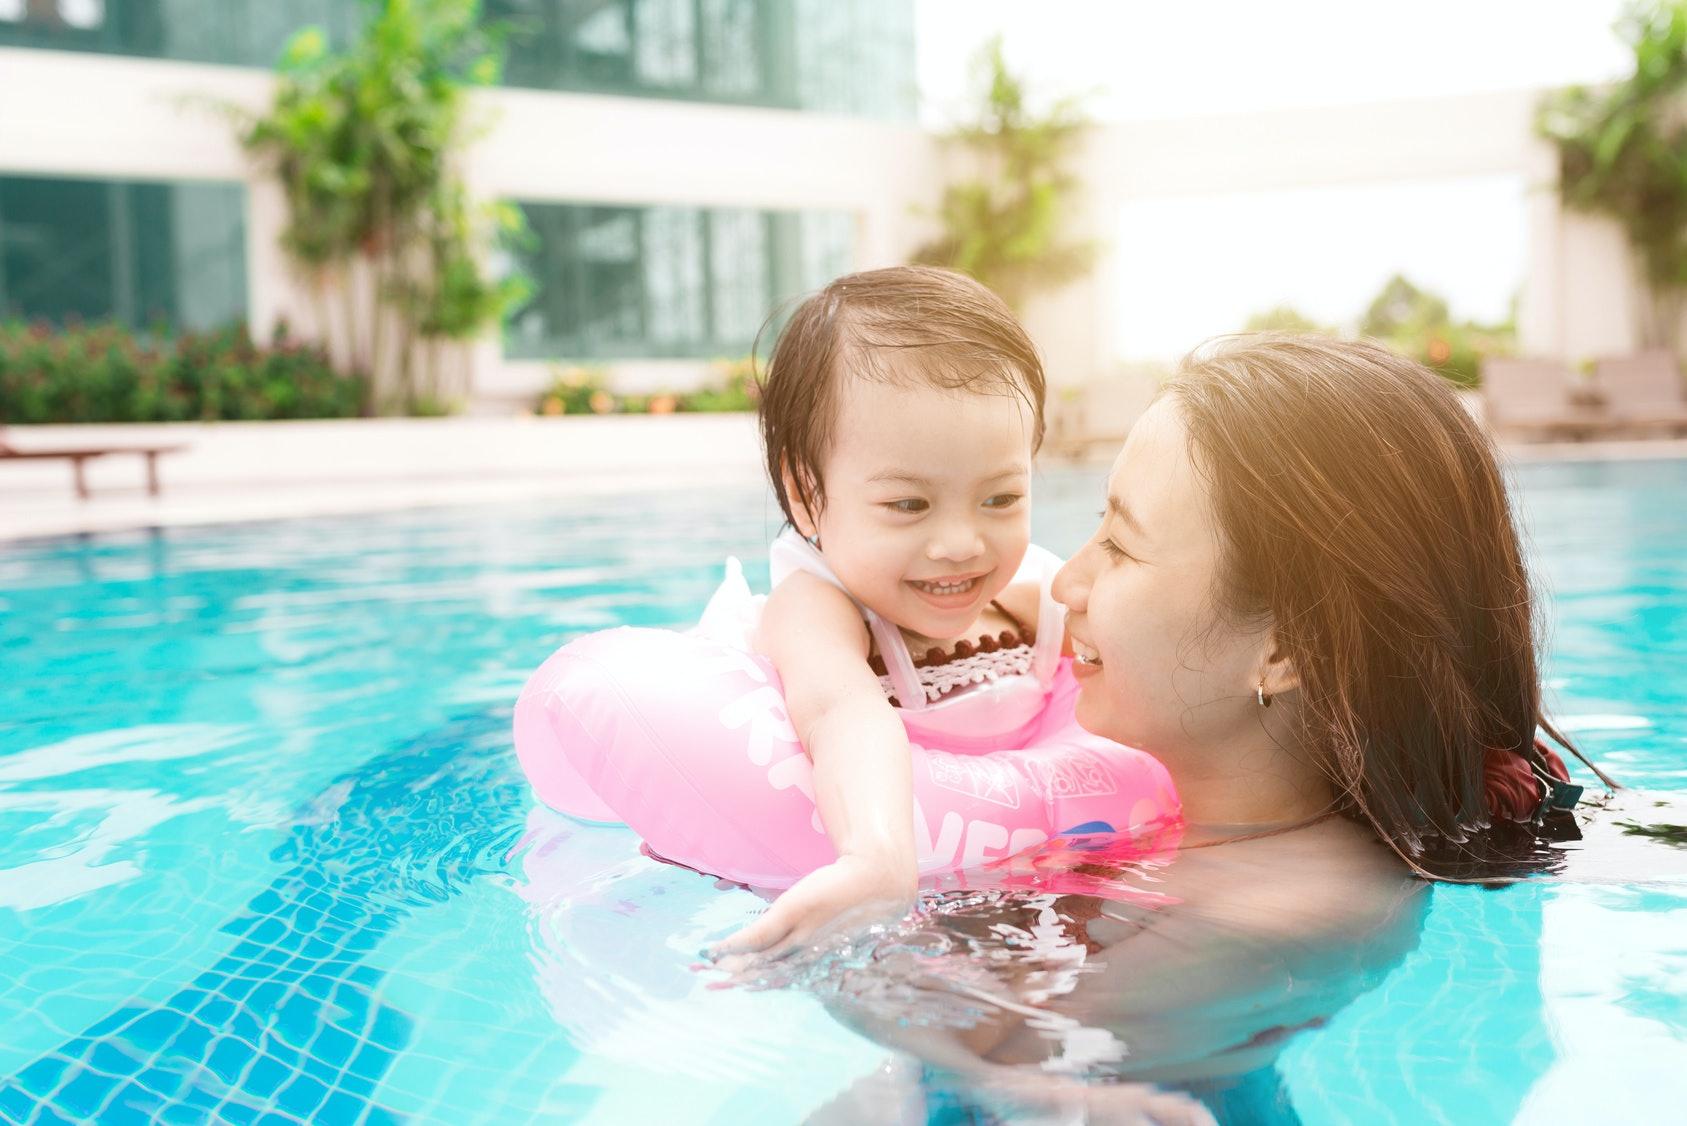 Undressed pool joy